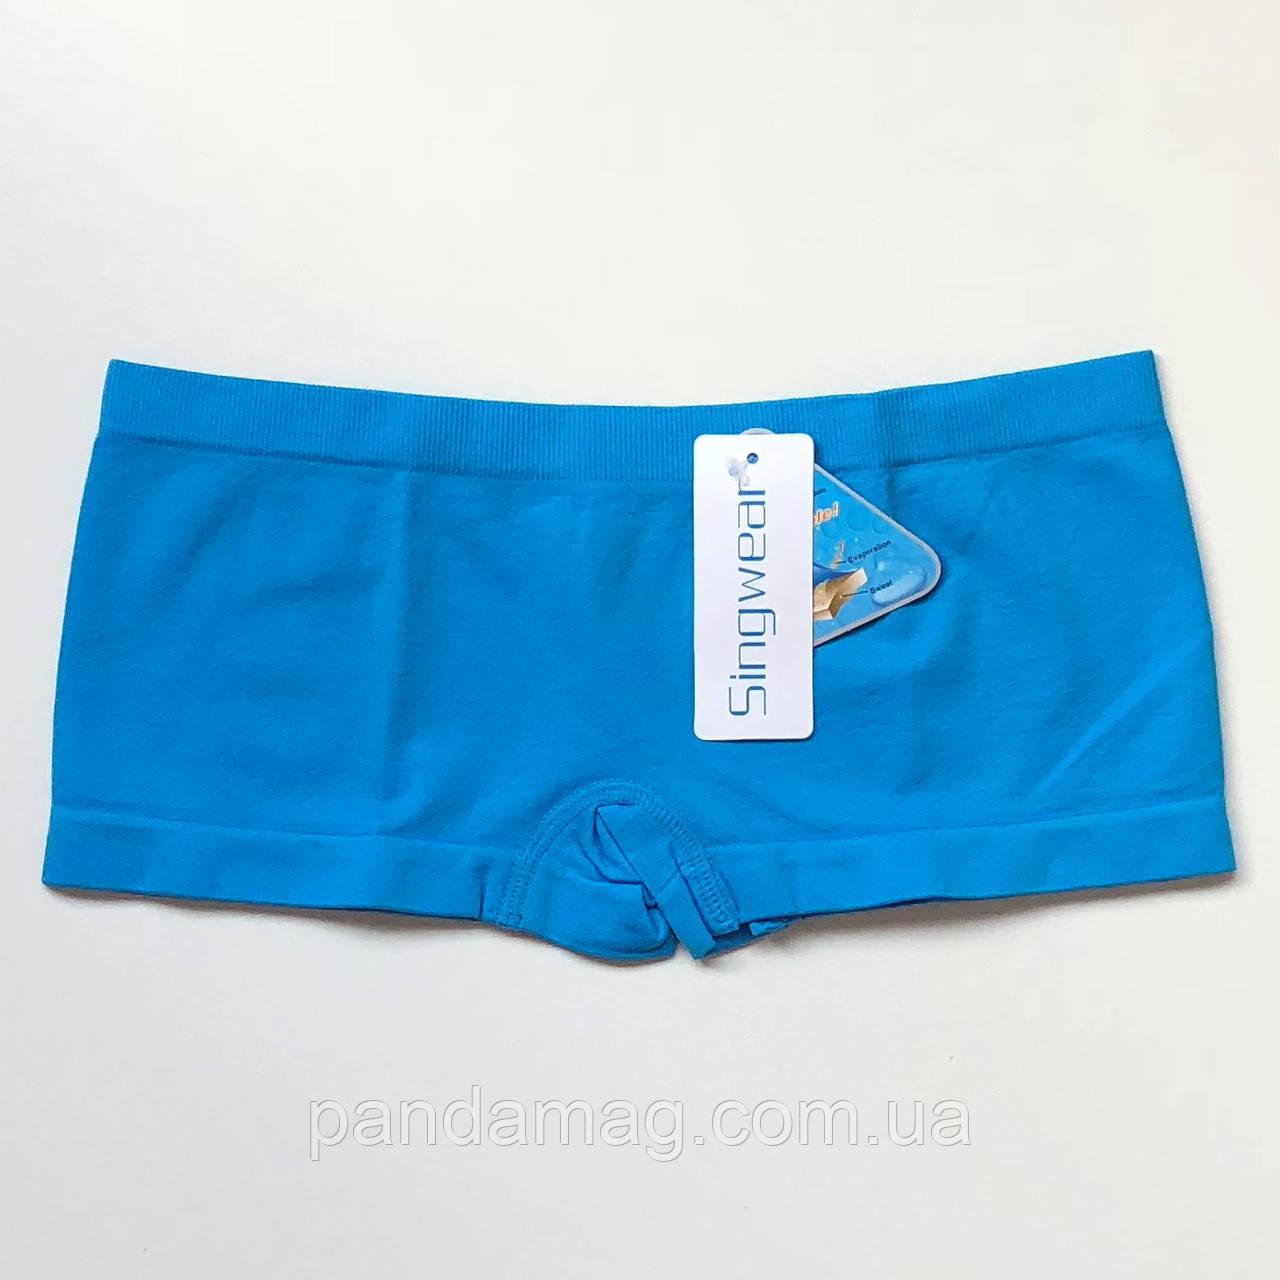 Трусики женские шорты бесшовные голубой